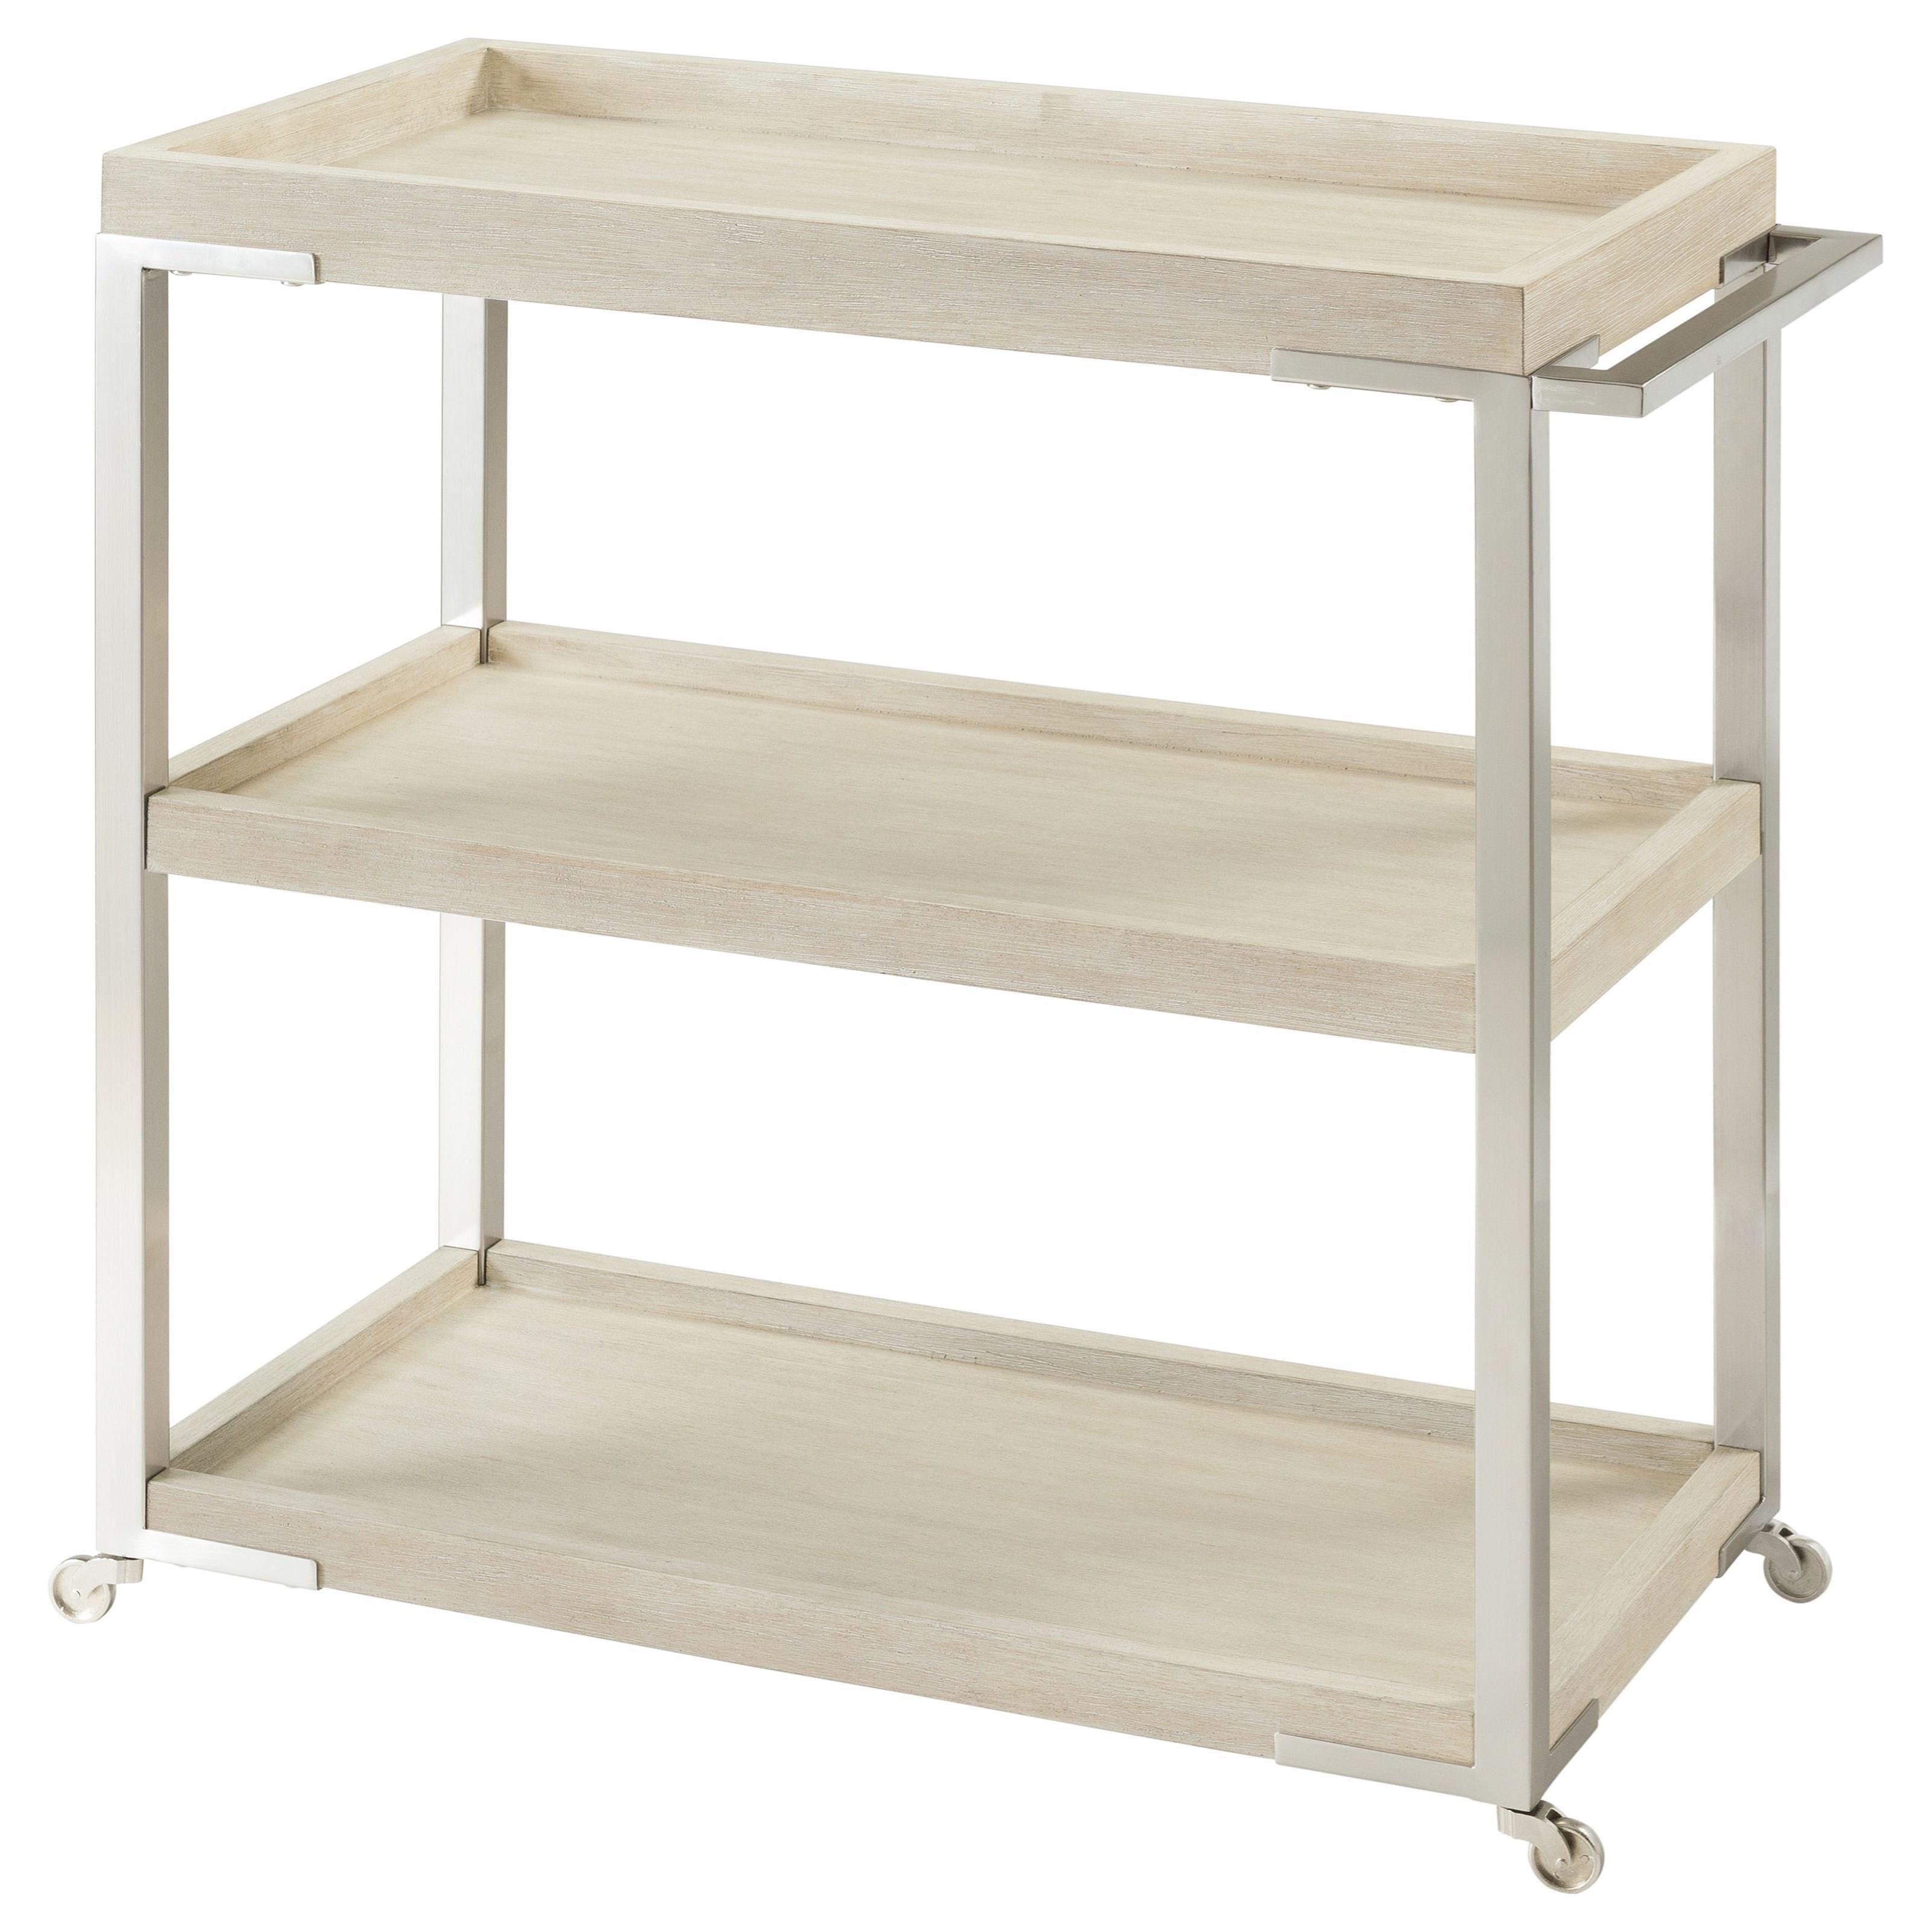 Tray-Top Bar Cart